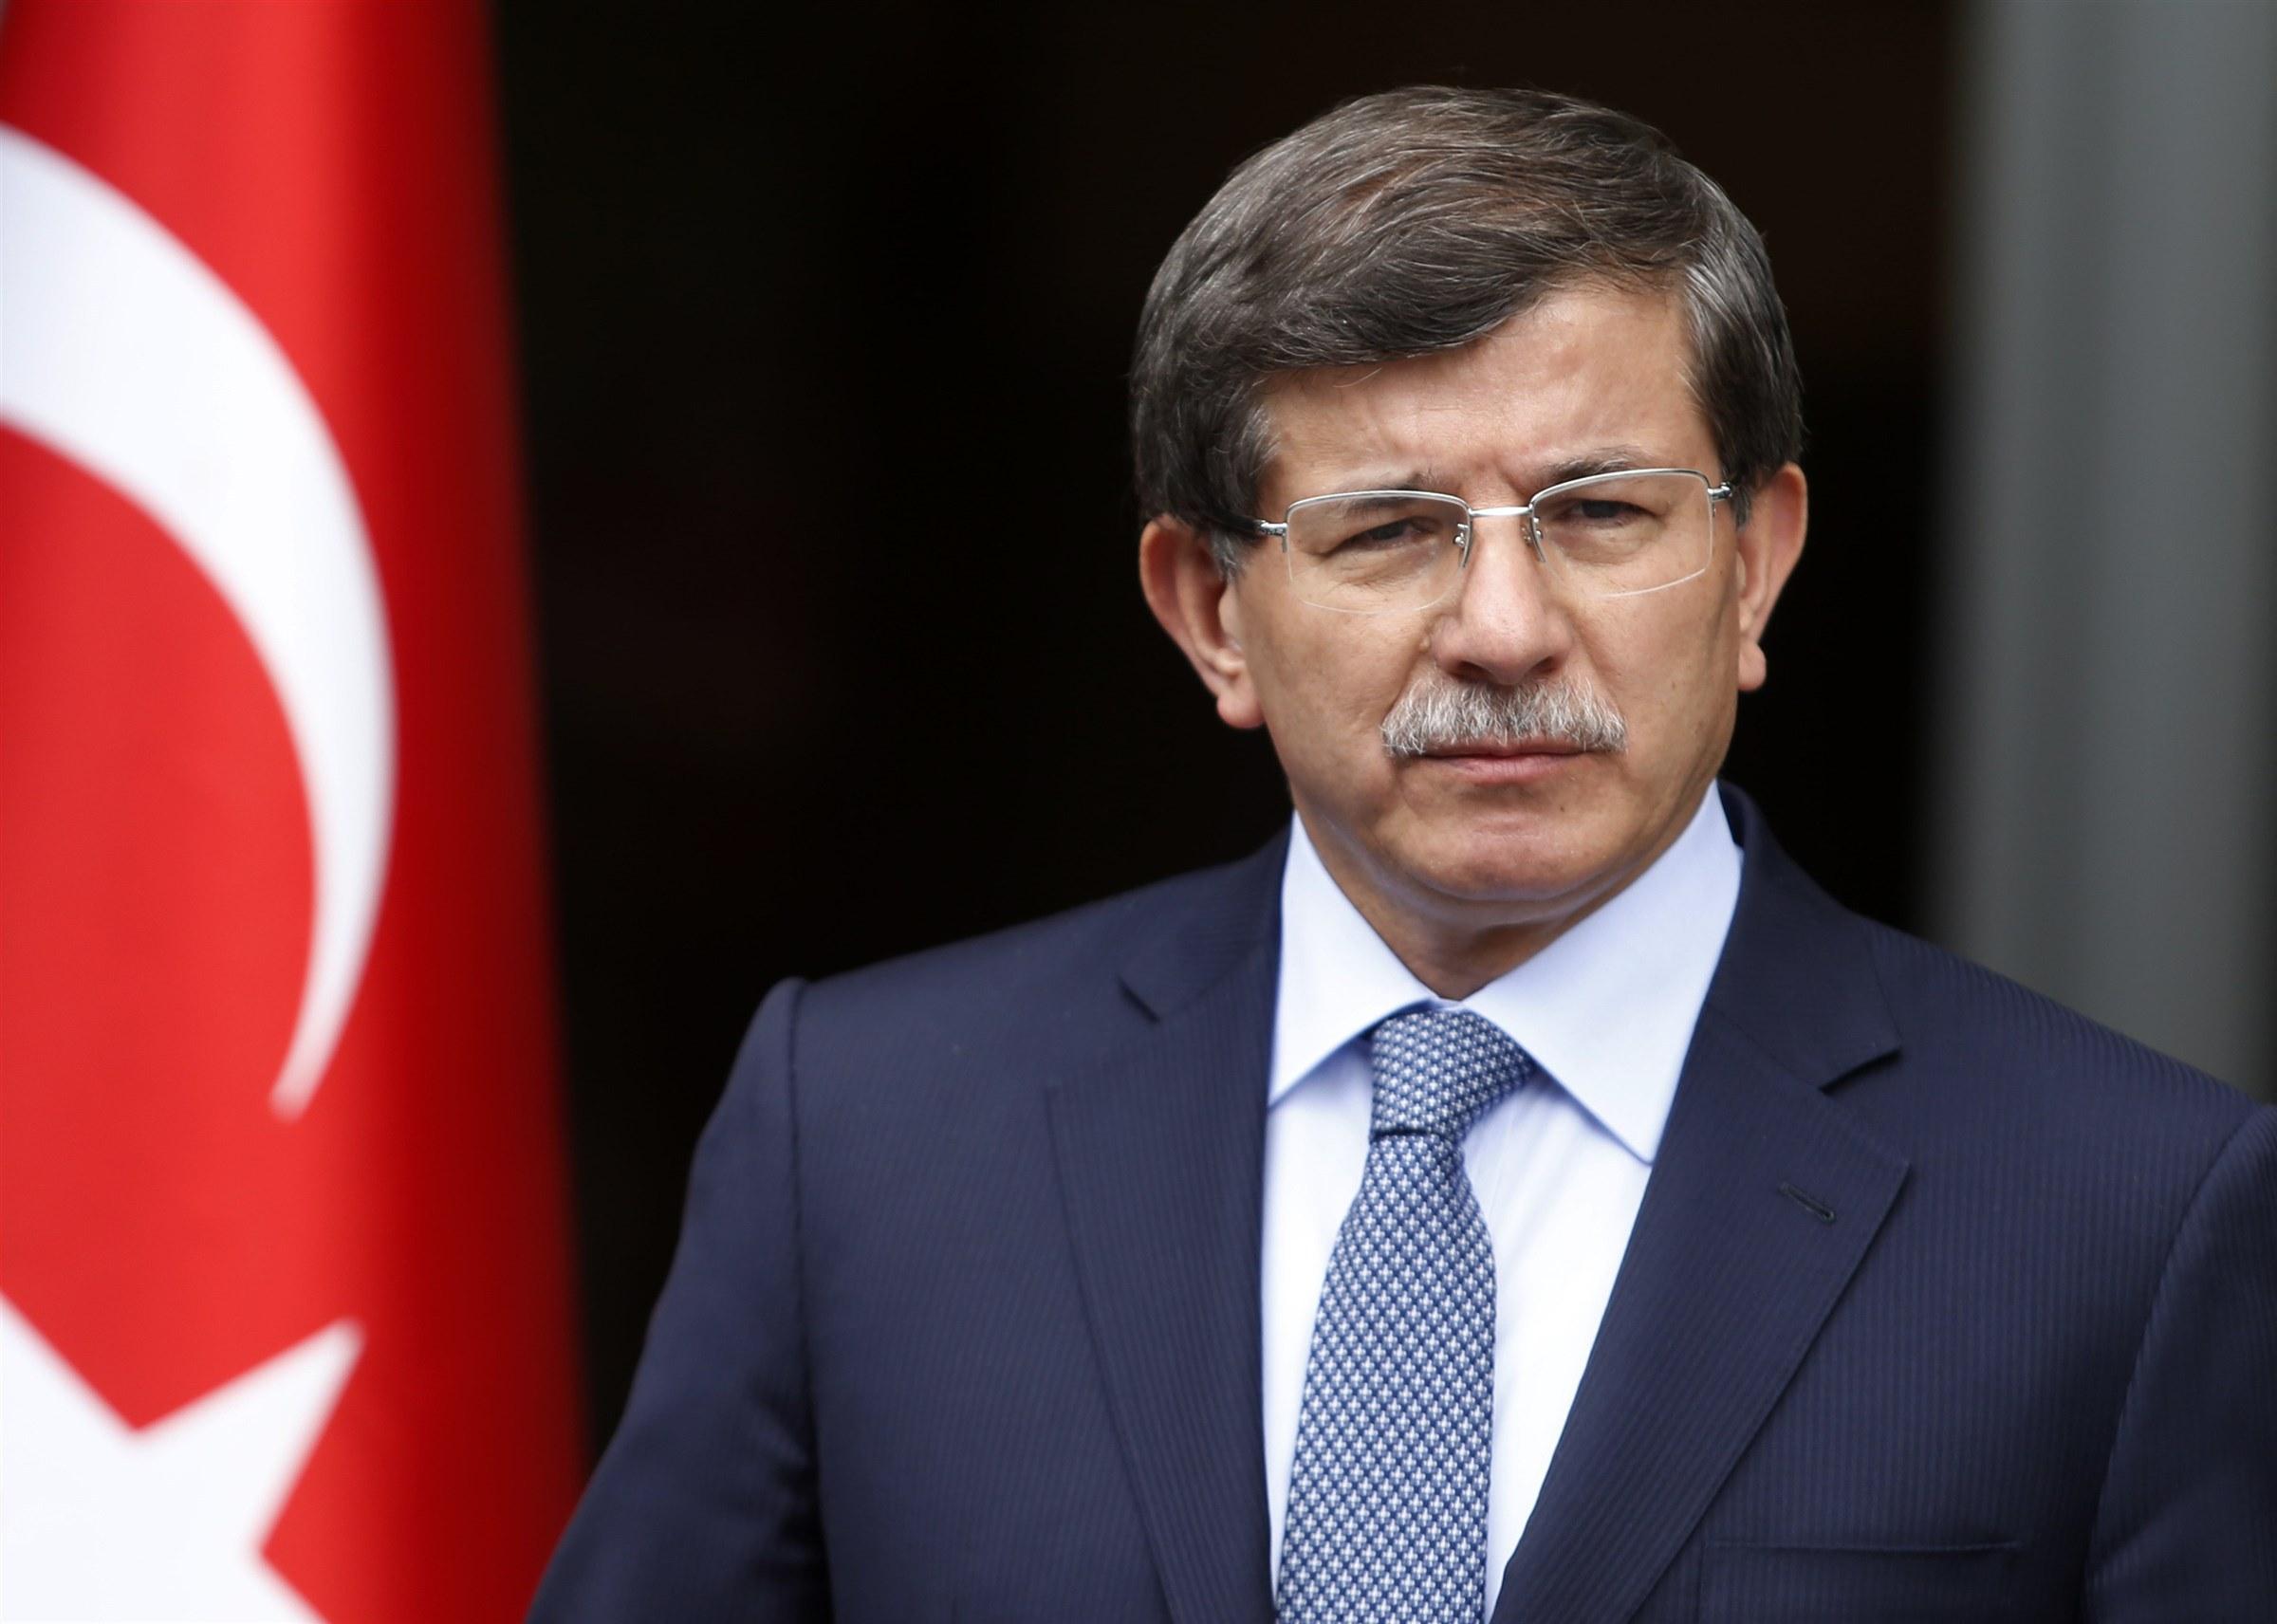 أوغلو يتعهد بتطير بلاده من مقاتلي حزب  العمال الكردستاني